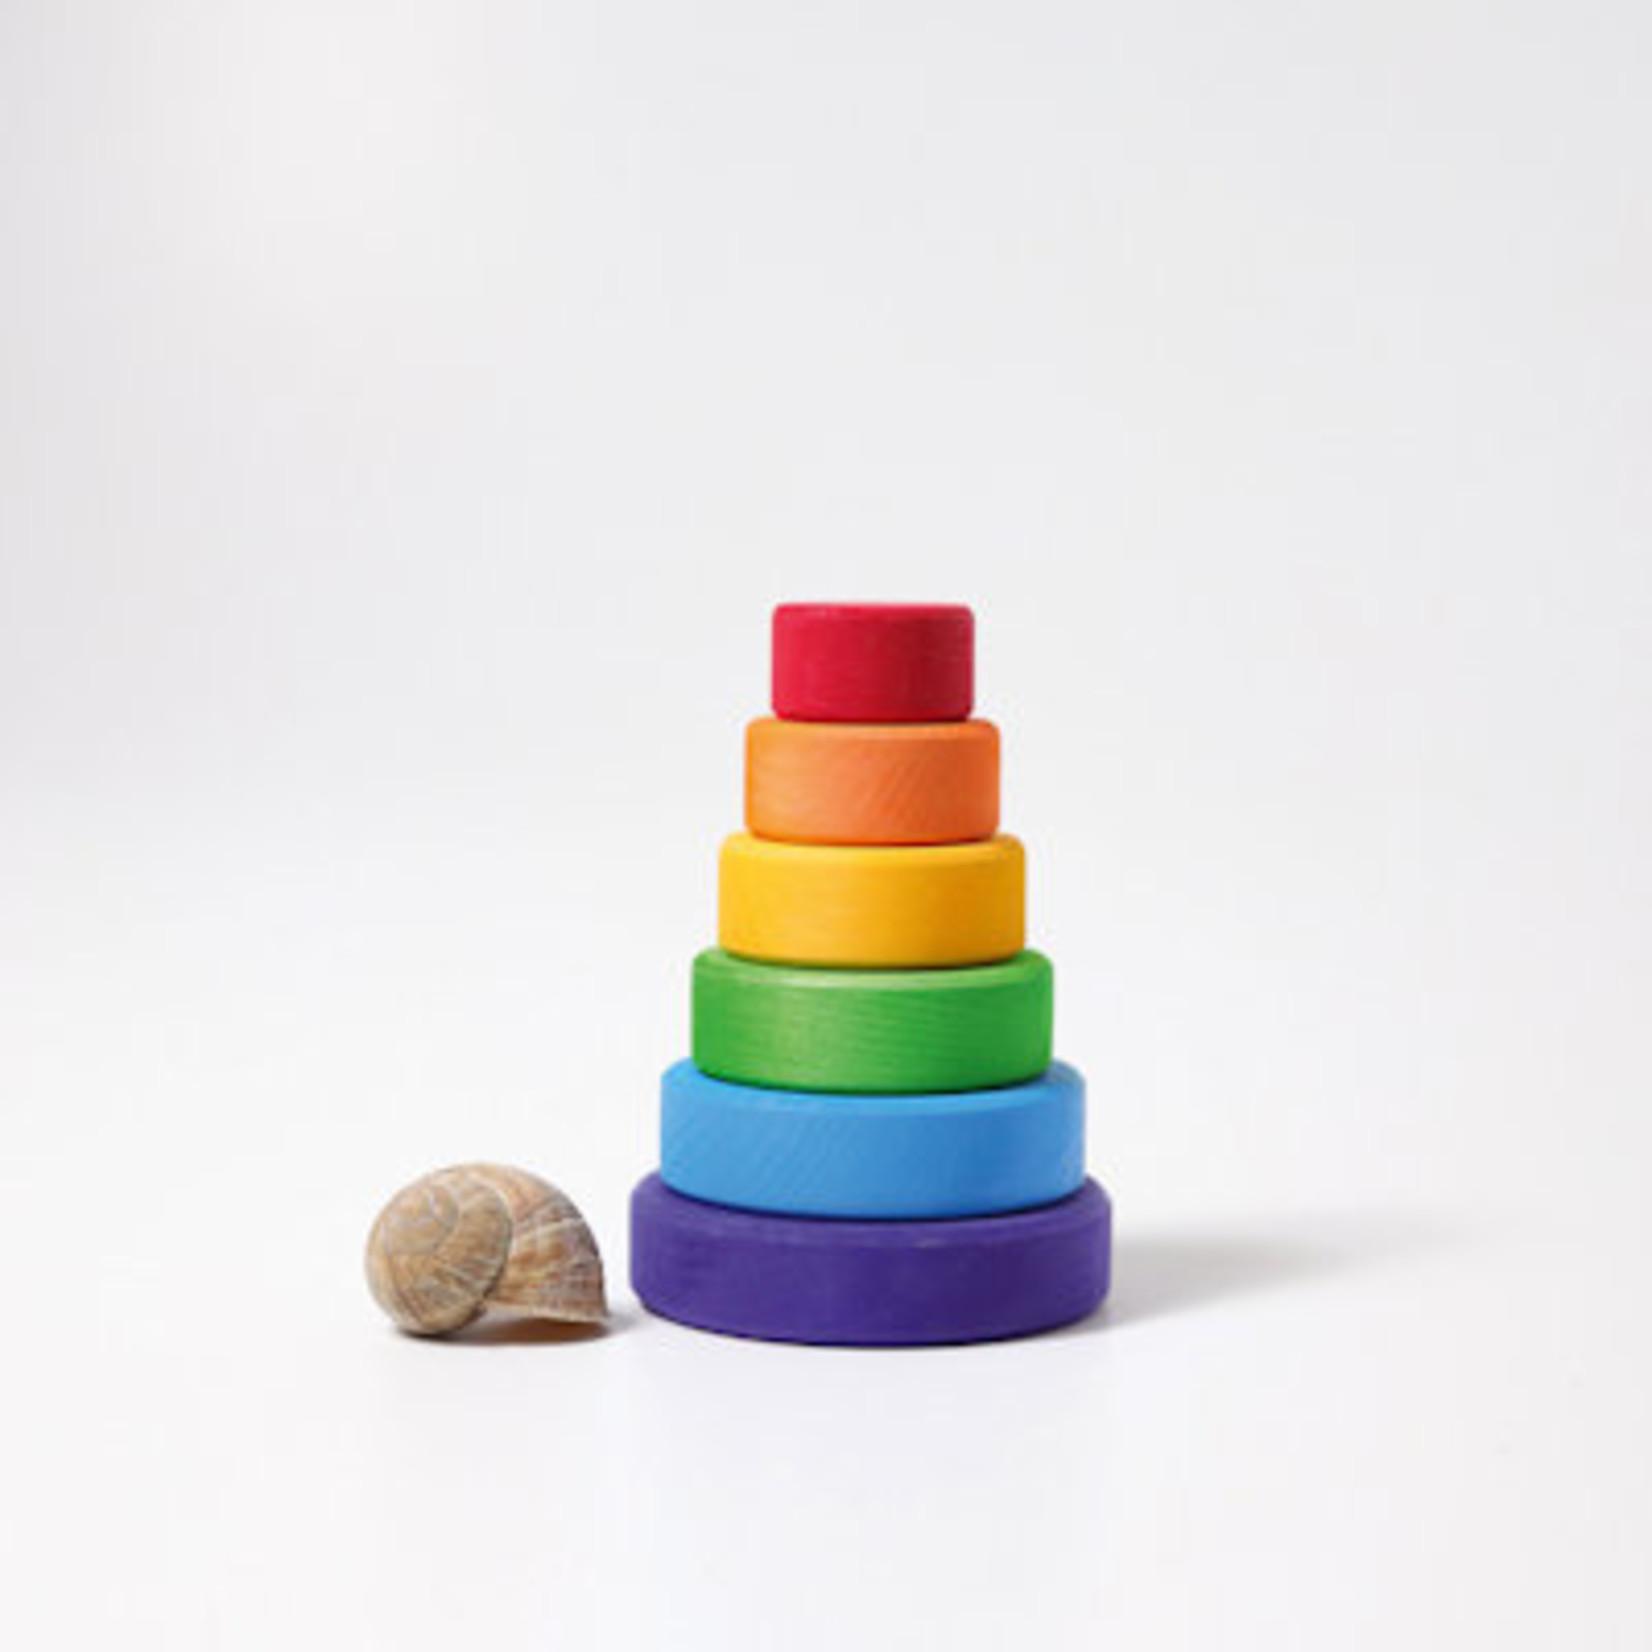 Grimm's Kleine regenboog stapeltoren